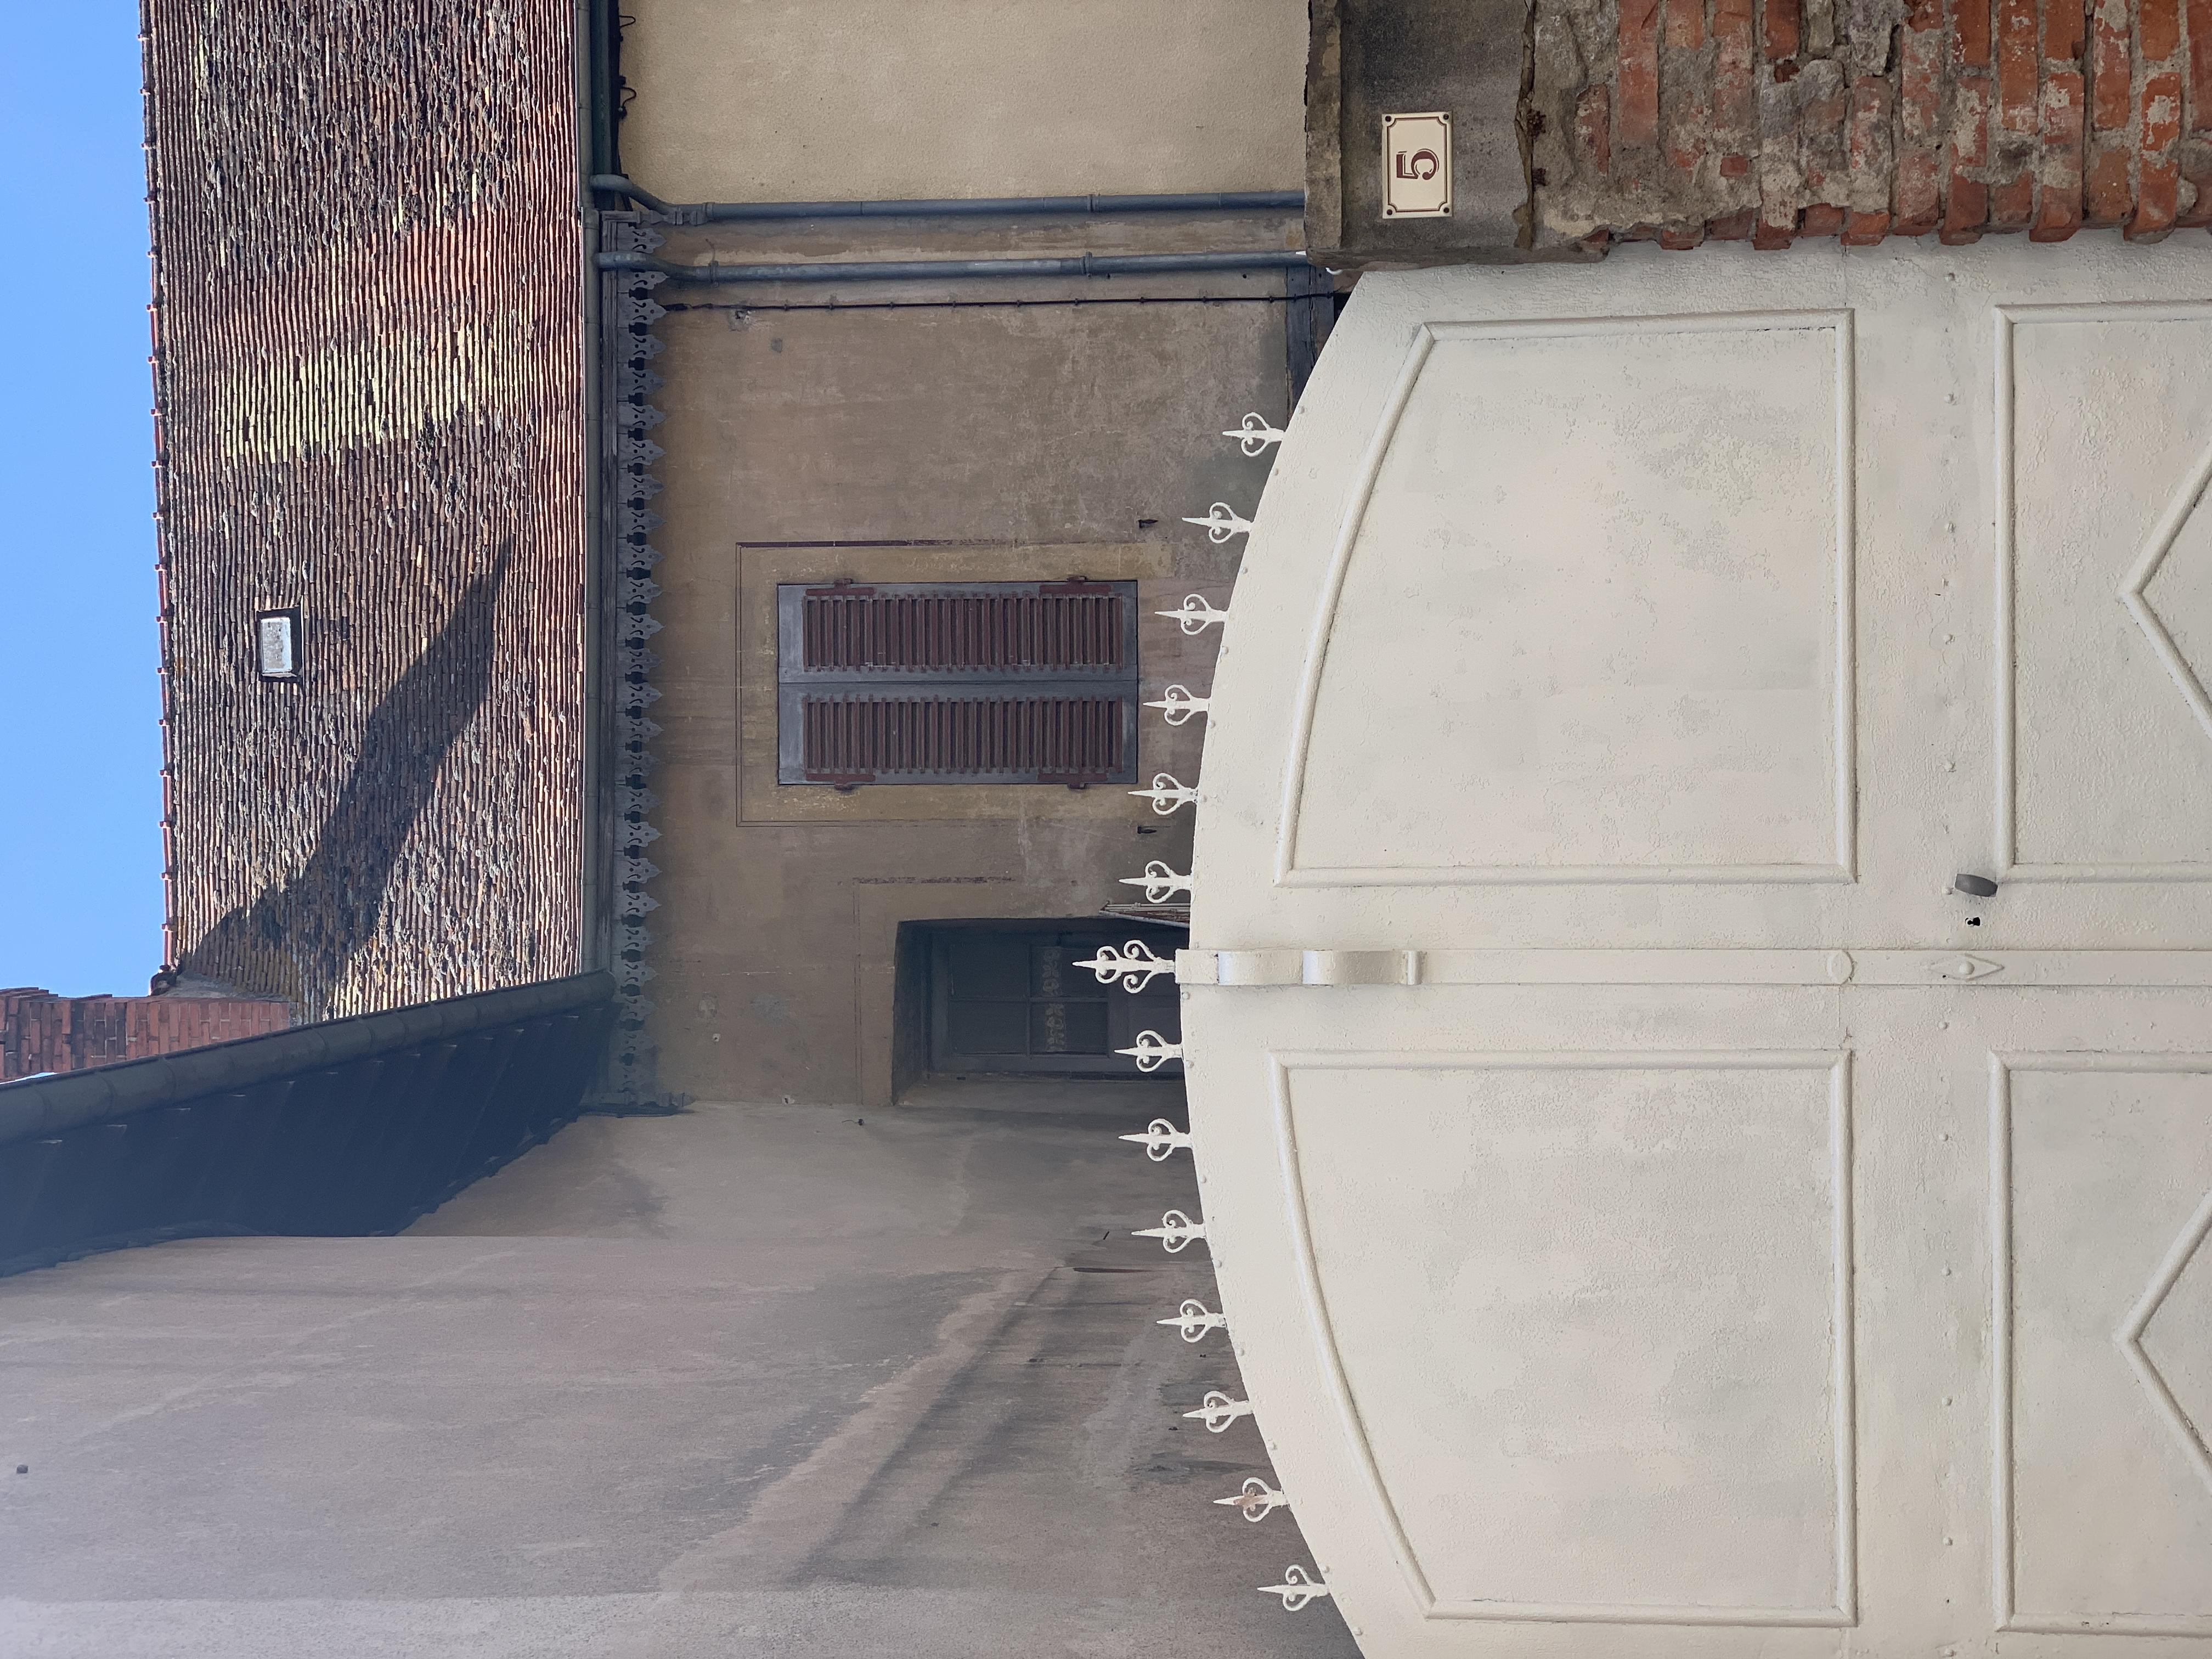 La Maison Rue Des Dames : maison, dames, File:Maison, Dames, Marcigny, 2020-08-15, 2.jpg, Wikimedia, Commons